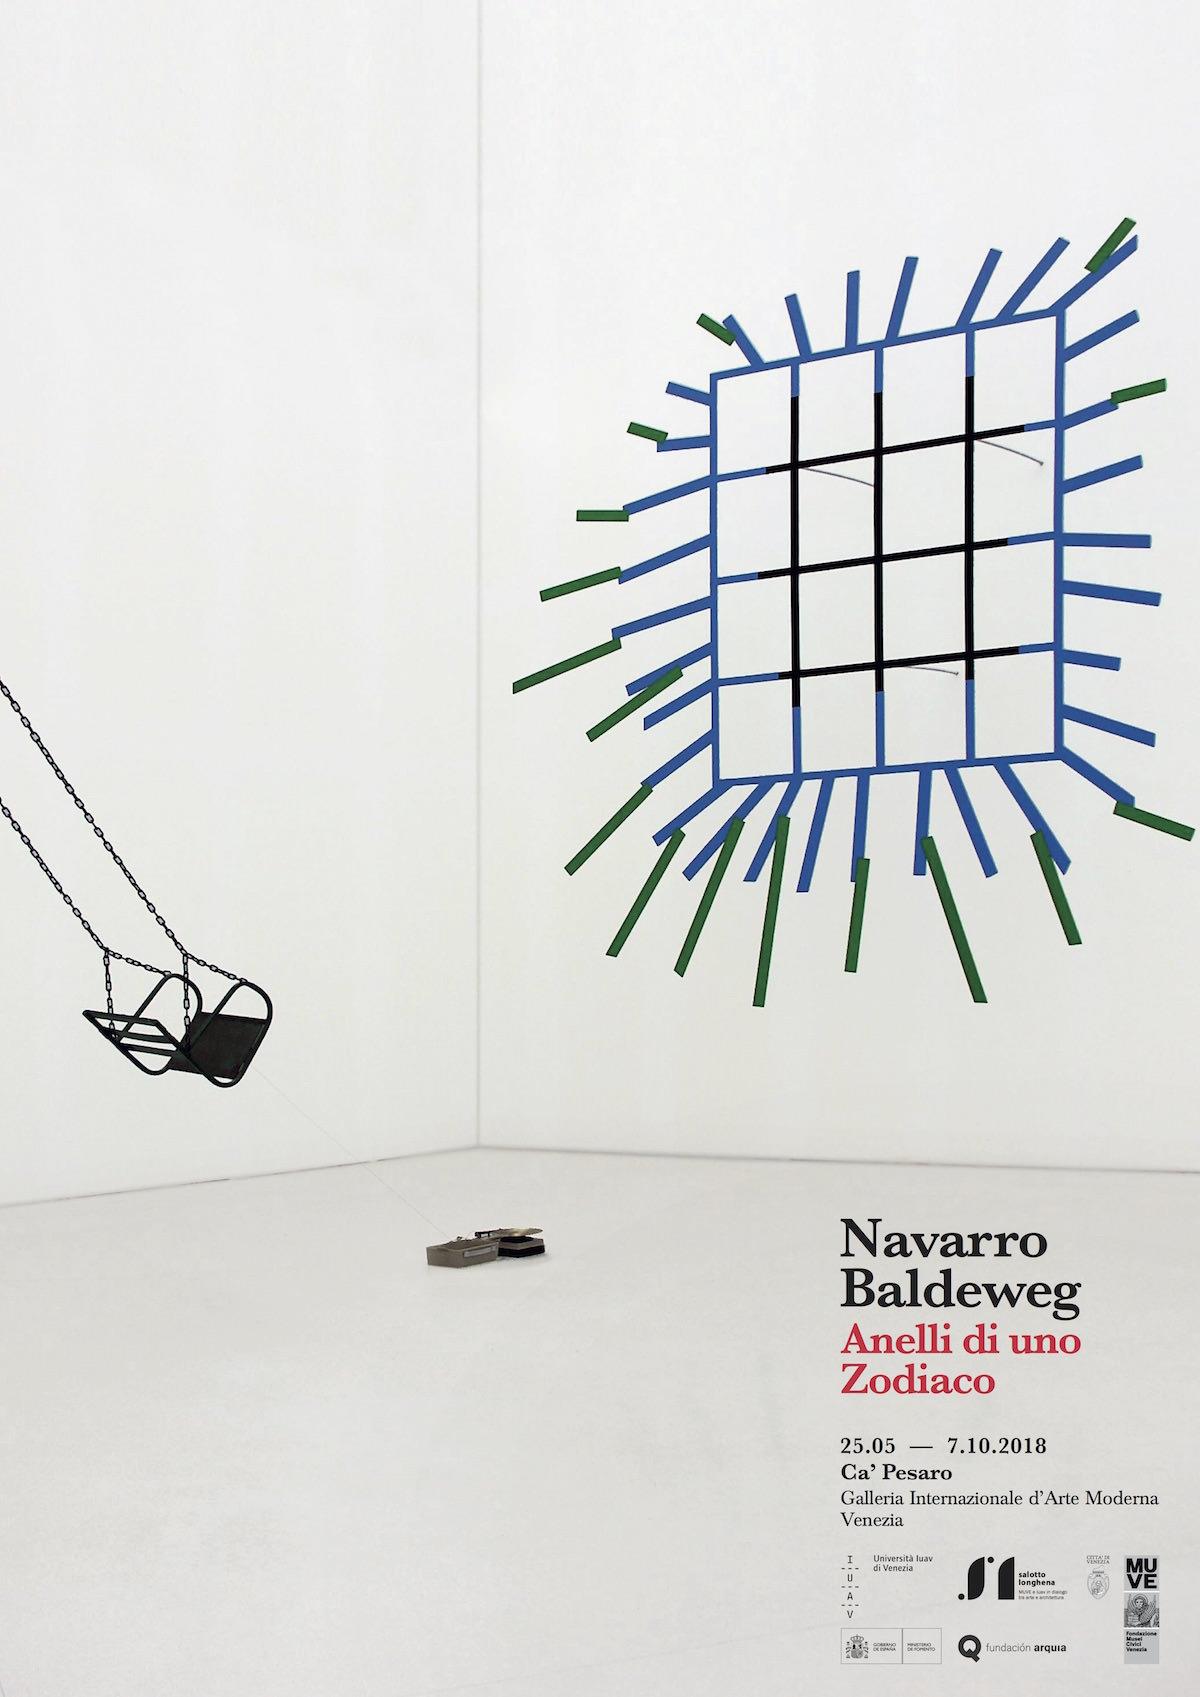 Navarro Baldeweg